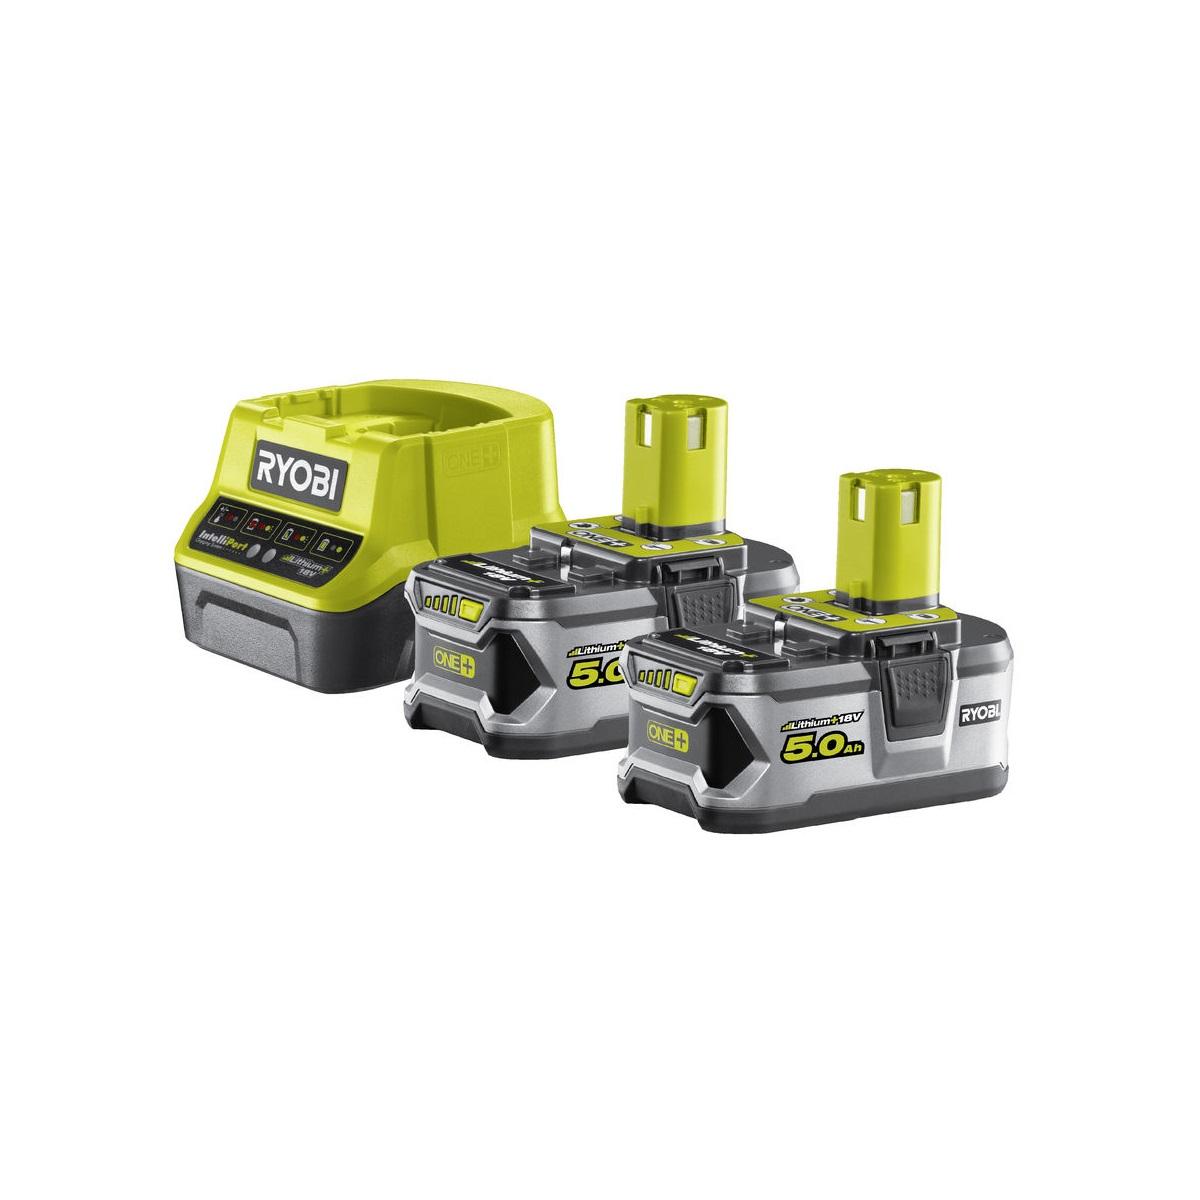 Ryobi RC18120-250sada 2x 18 V lithium iontová baterie 5 Ah s nabíječkou RC18120 ONE+